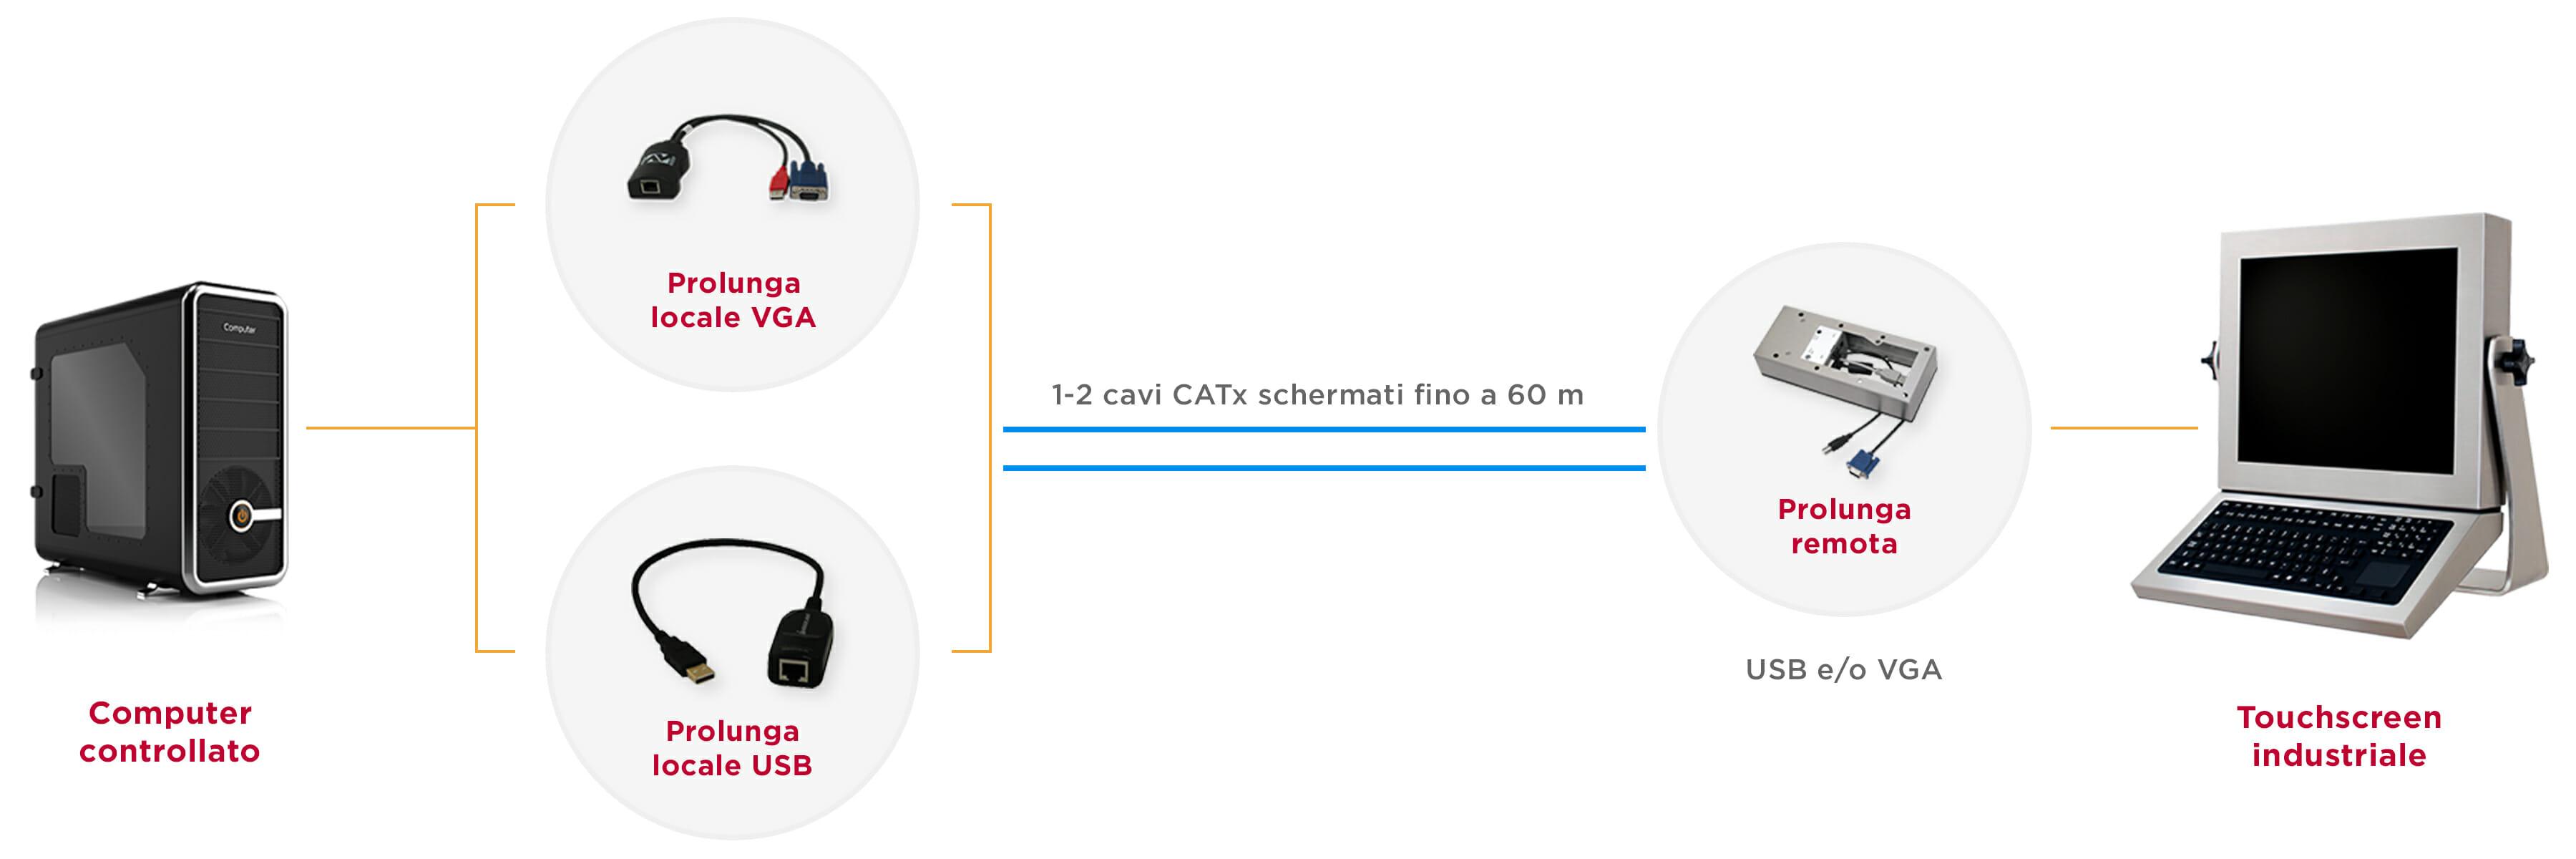 Diagramma del sistema di prolunghe KVM industriali per una distanza di 60 m su un cavo CATx schermato